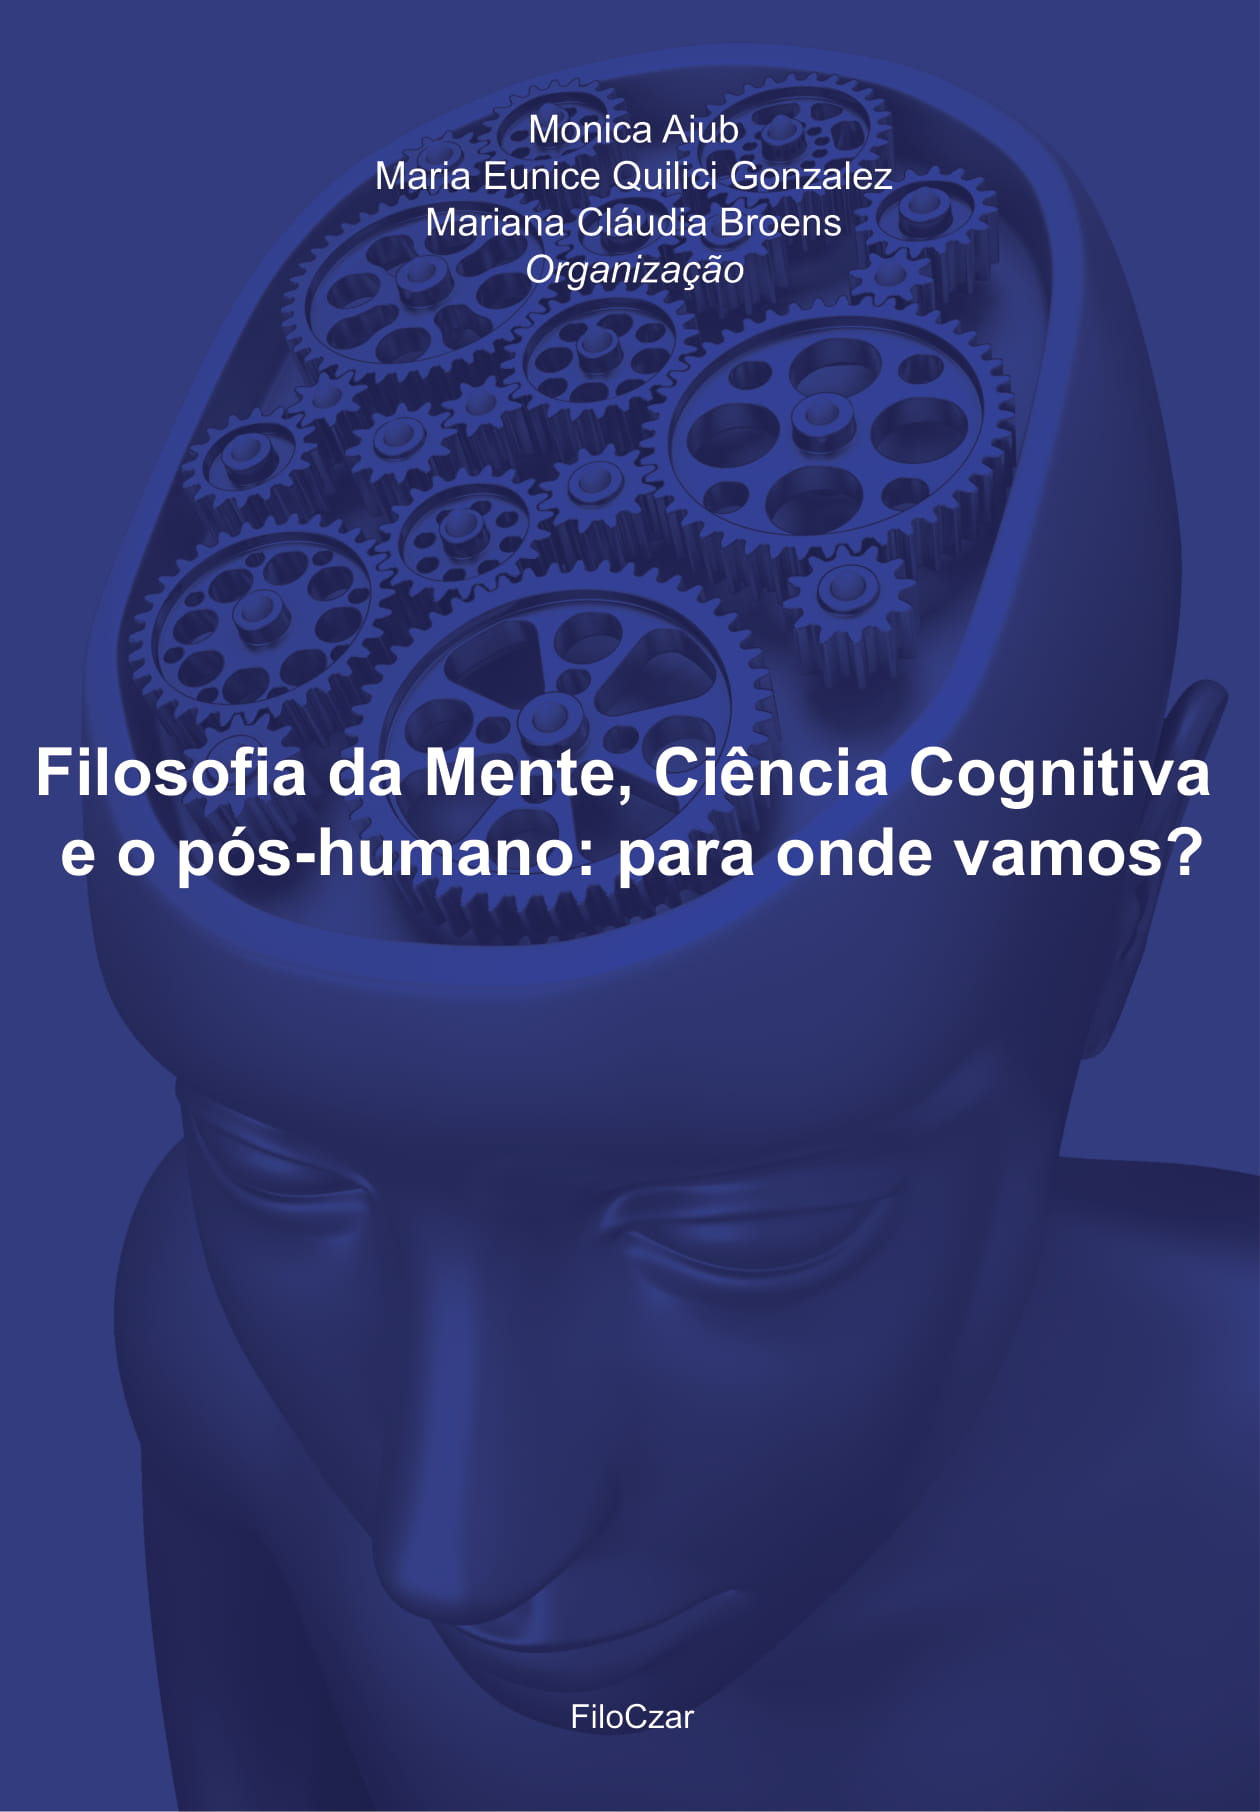 Filosofia da mente, ciência cognitiva e o pós-humano: para onde vamos?